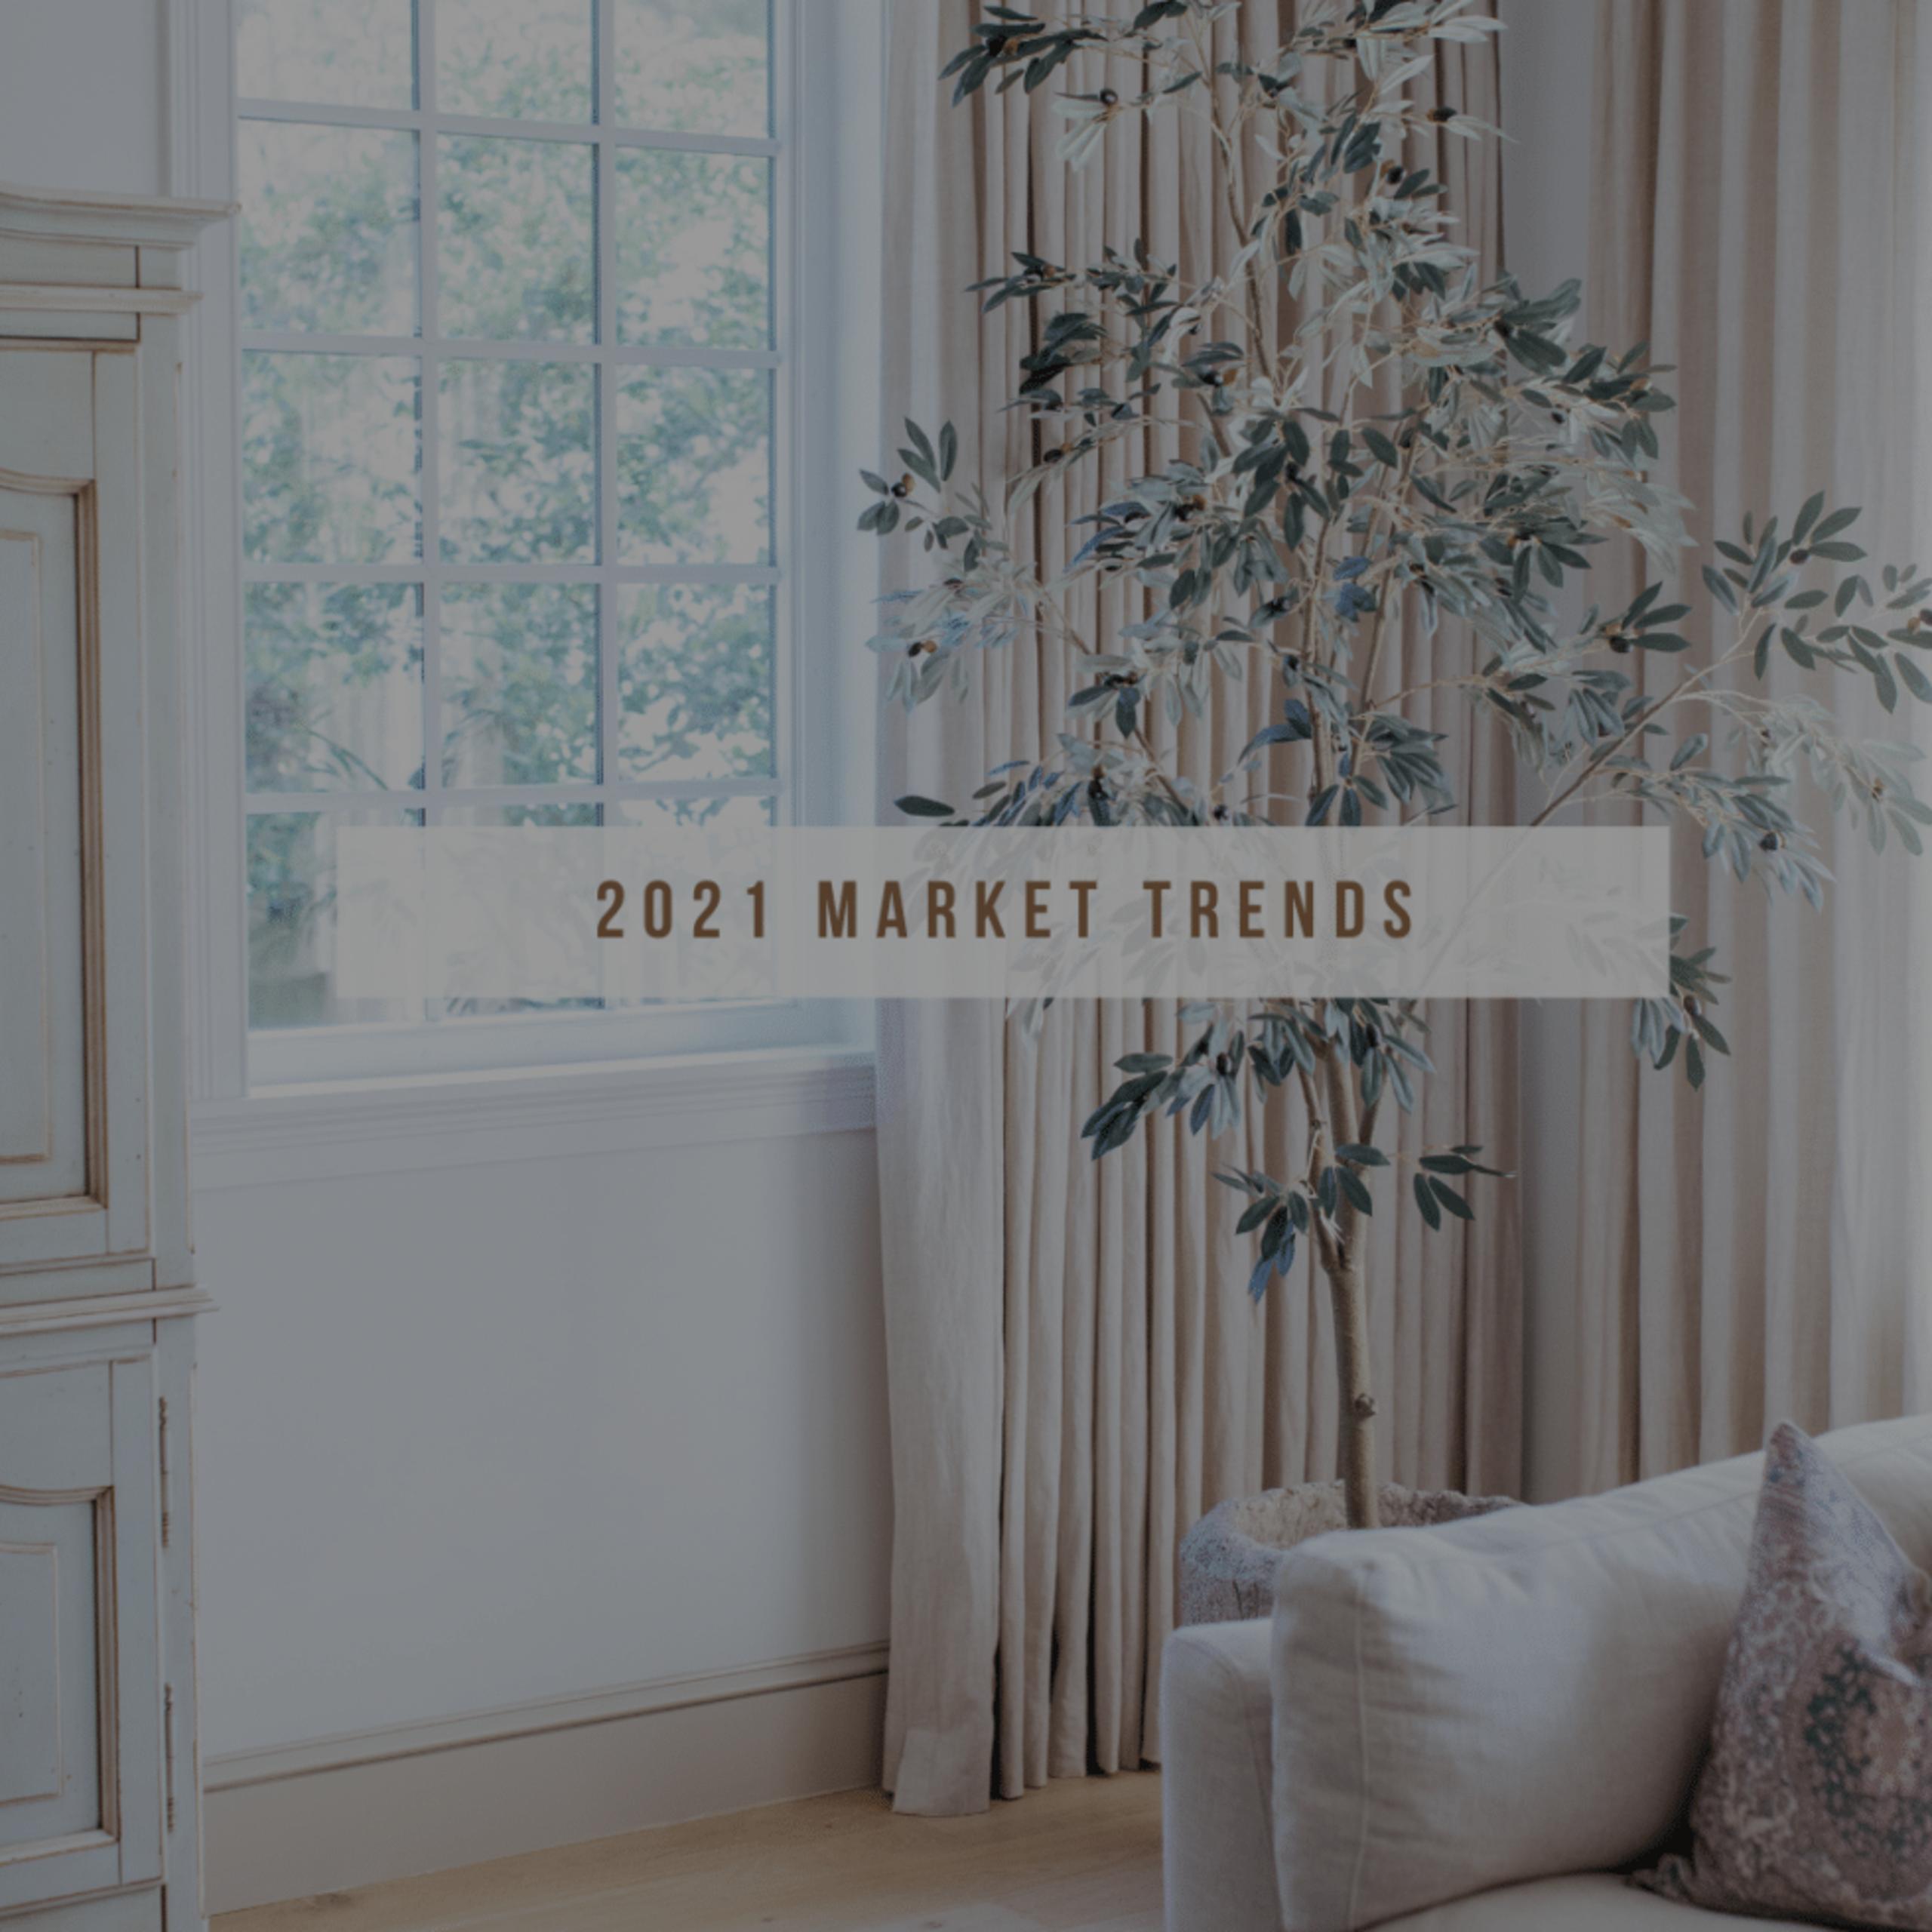 2021 Market Trends